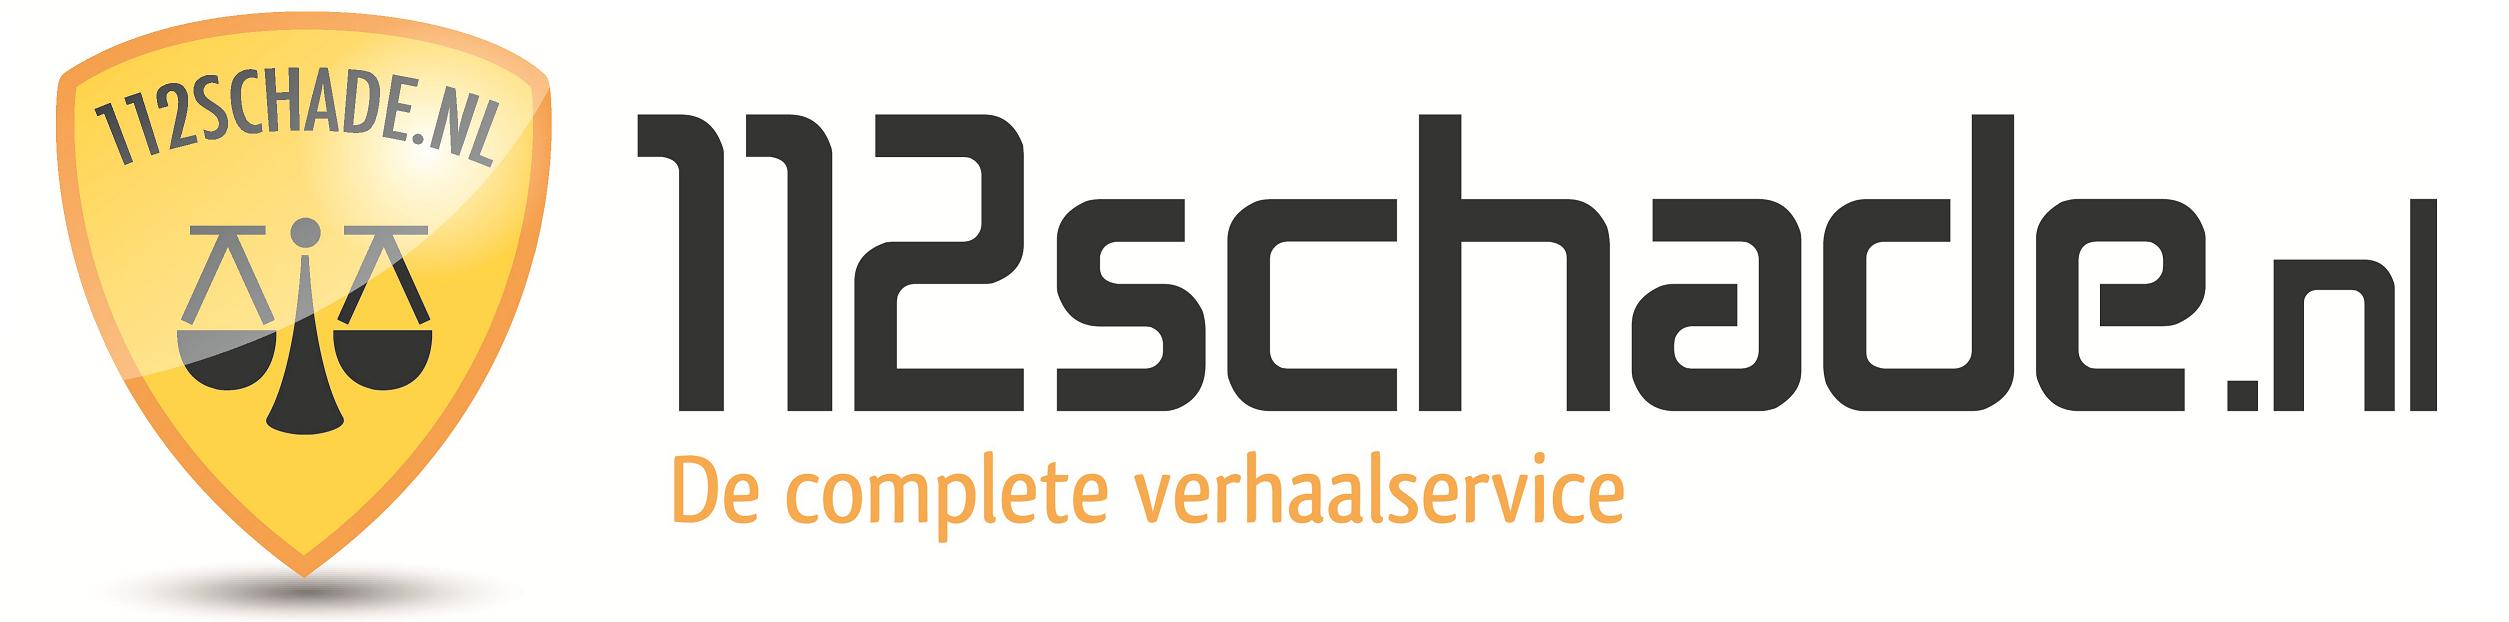 112Schade - Verhaalservice